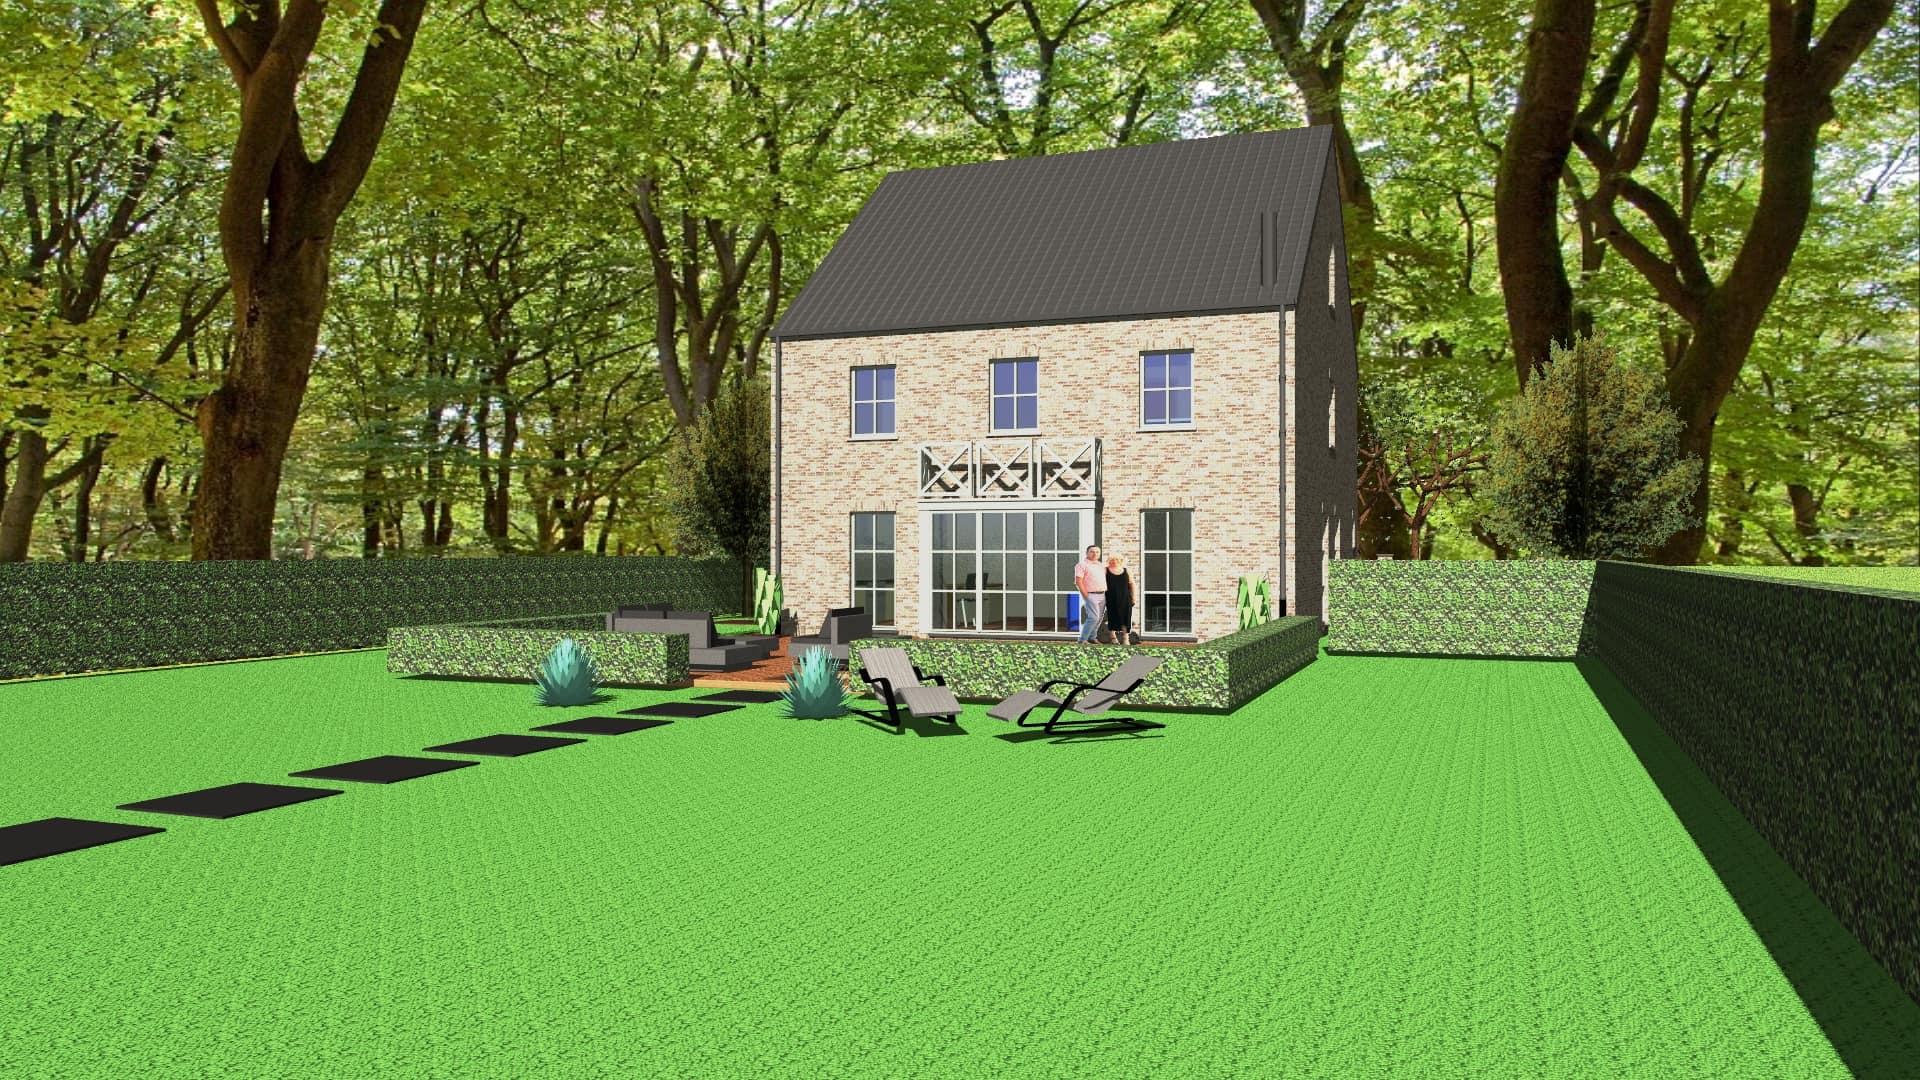 Detail afbeelding 3 van M & M   –   Landelijke herenhuis – Genk | Ontwerp door architect Patrick Strackx